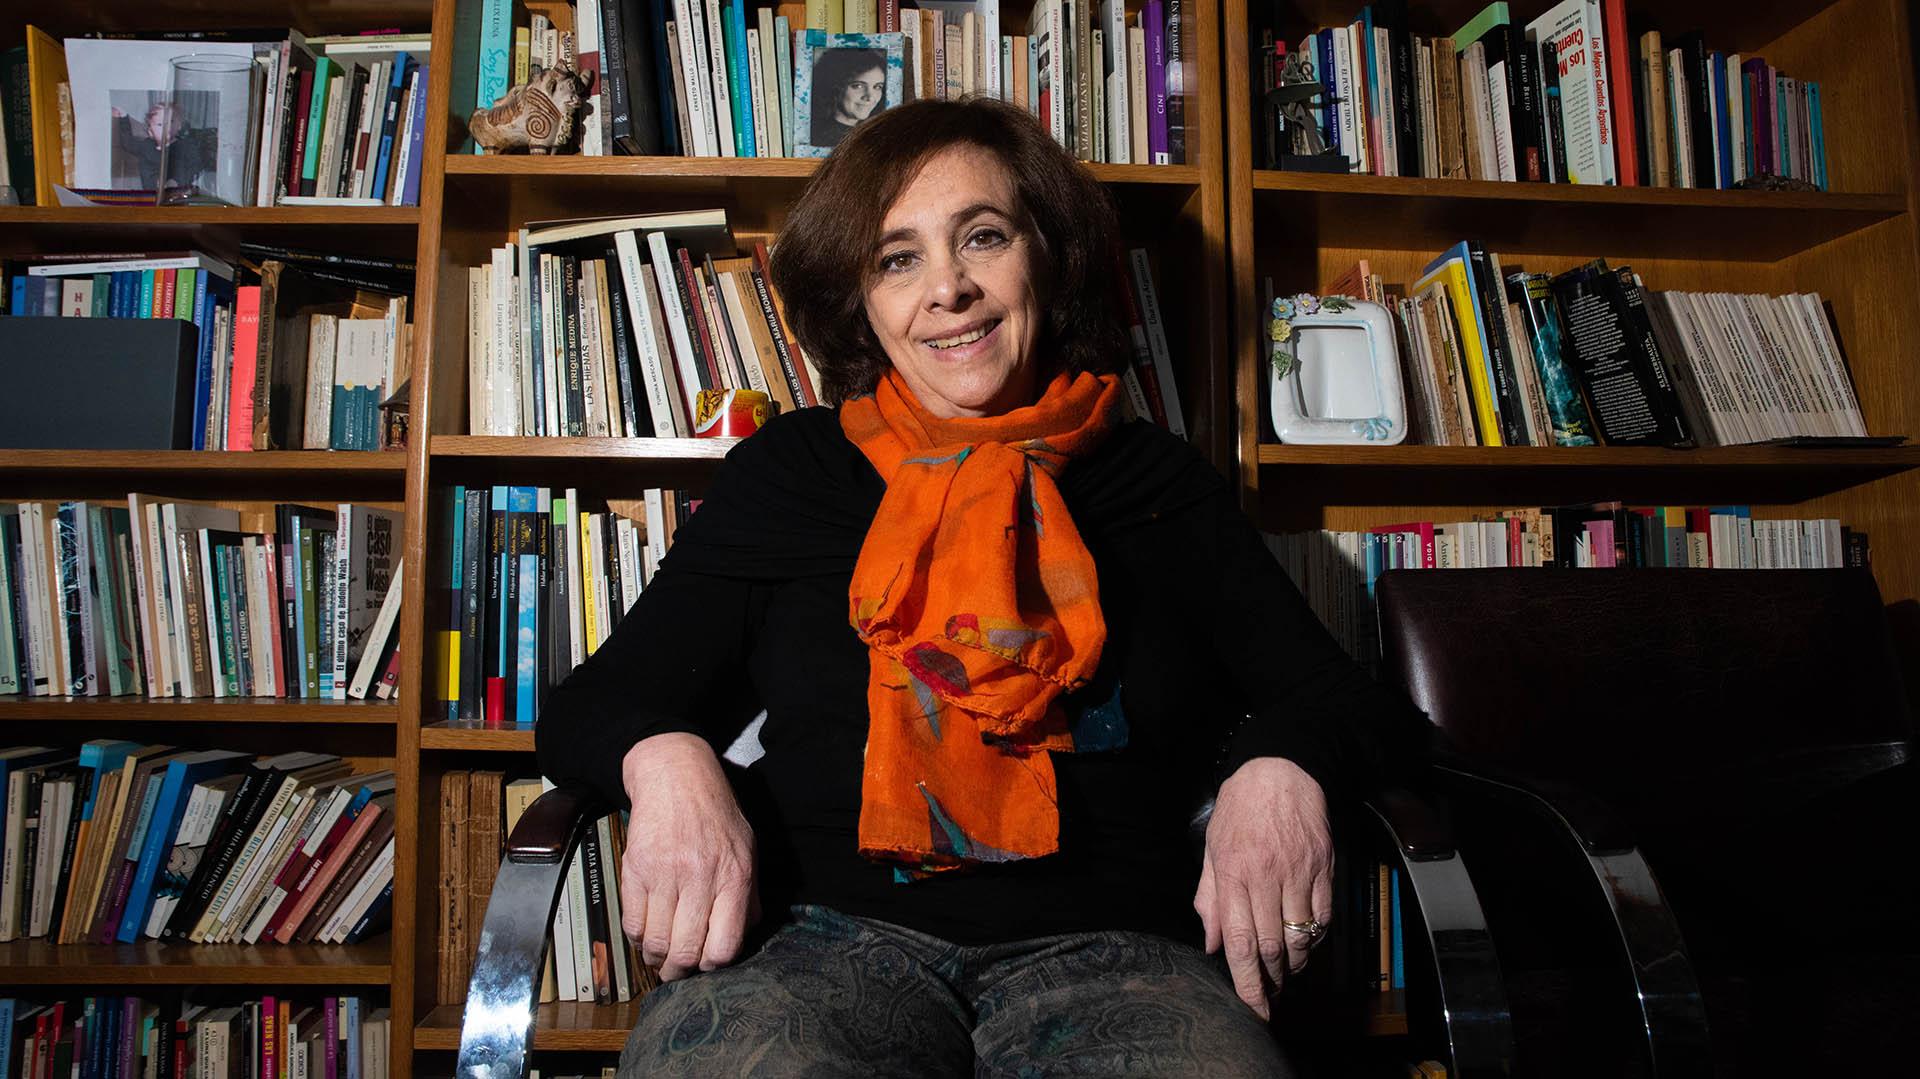 Microrrelato, poesía, novela, literatura infantil: una conversación con Ana  María Shua, la dama de todos los géneros - Infobae